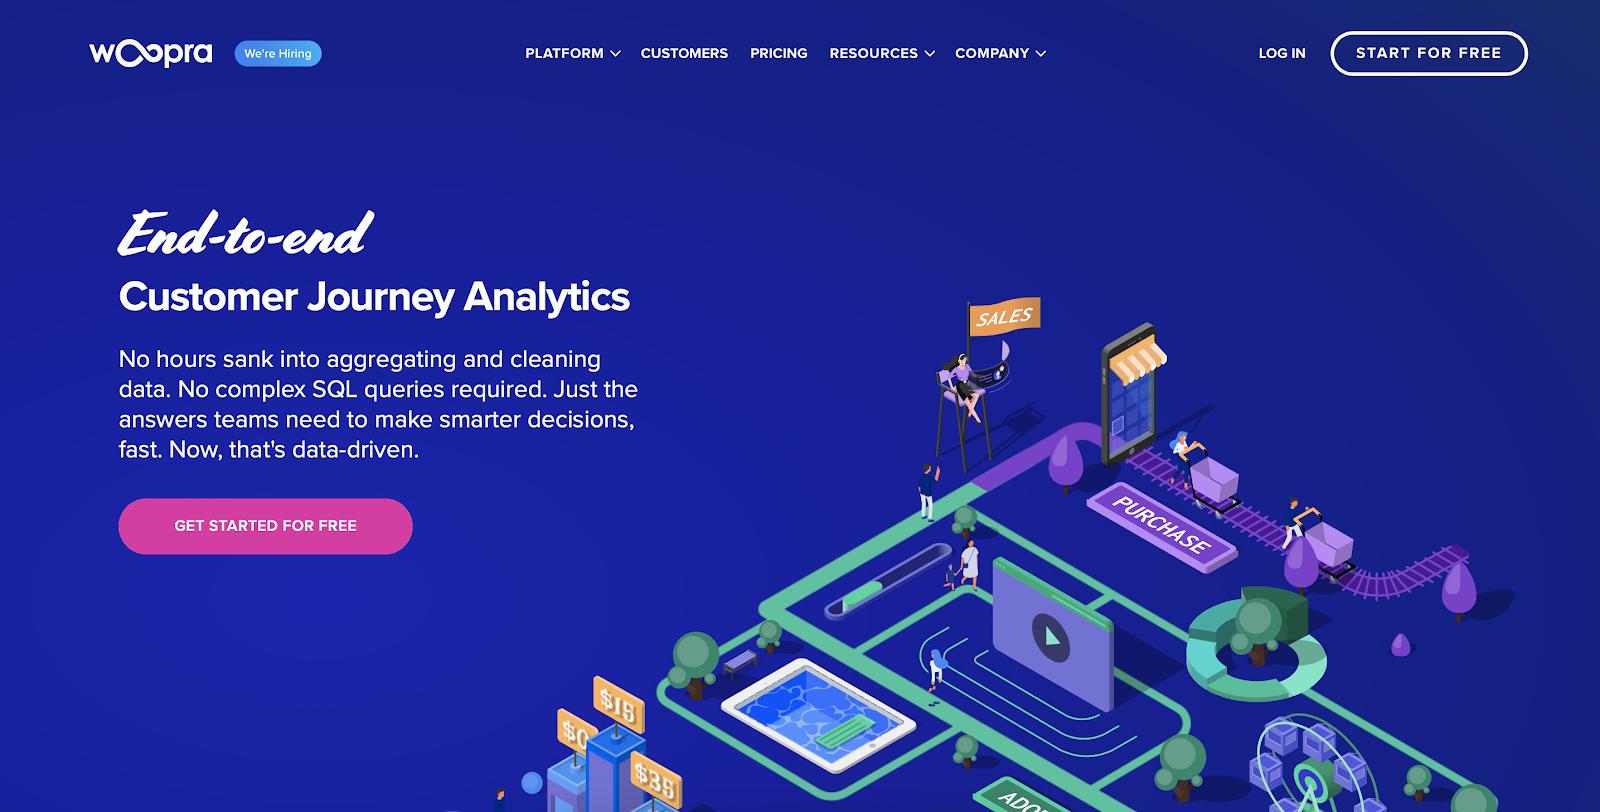 SaaS analytics tools: Woopra